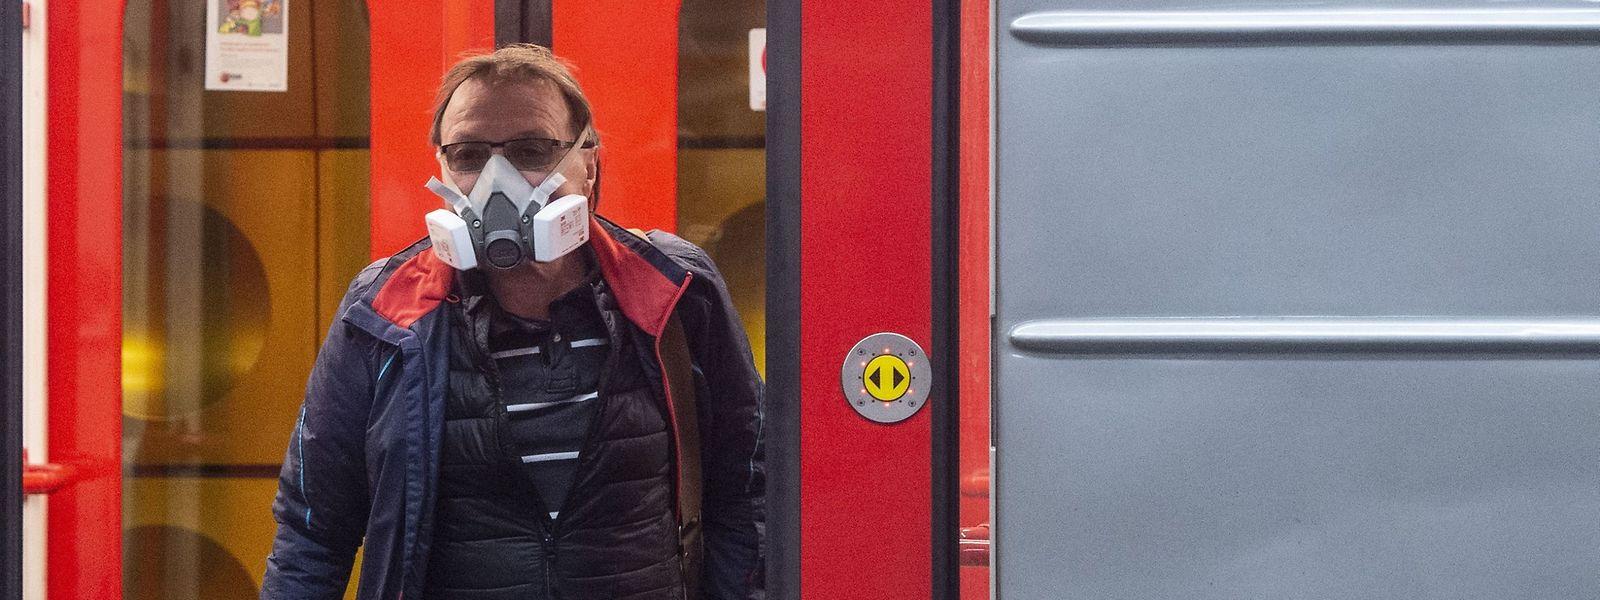 In Tschechien dürfen Menschen U-Bahnen, Busse und Trams nur noch mit Mund- und Nasenschutz betreten.